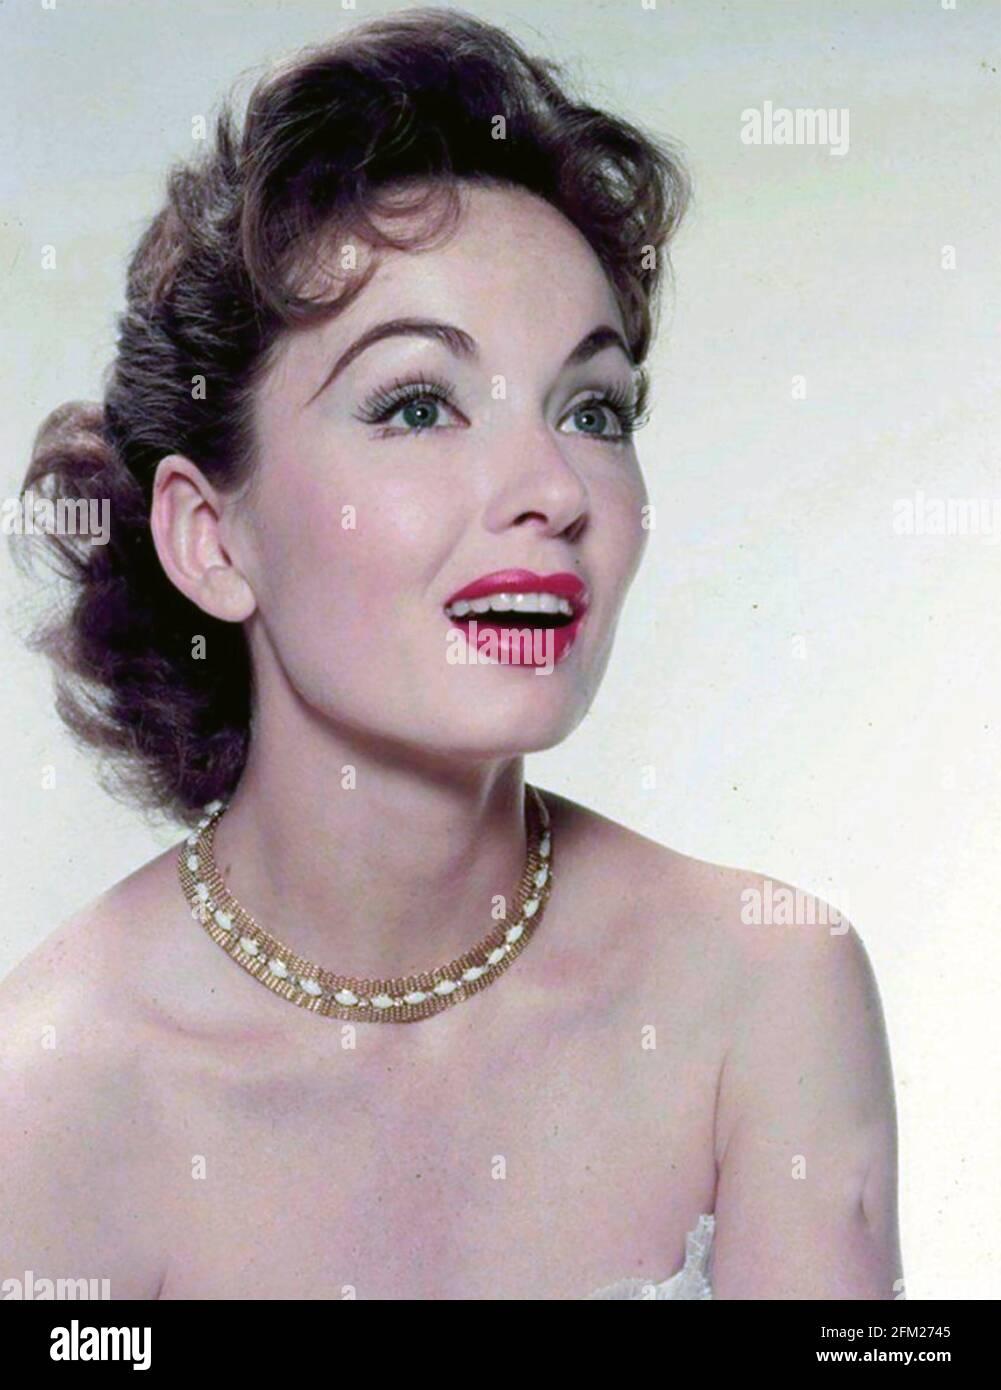 ANN BLYTH actrice et chanteuse américaine vers 1950 Banque D'Images